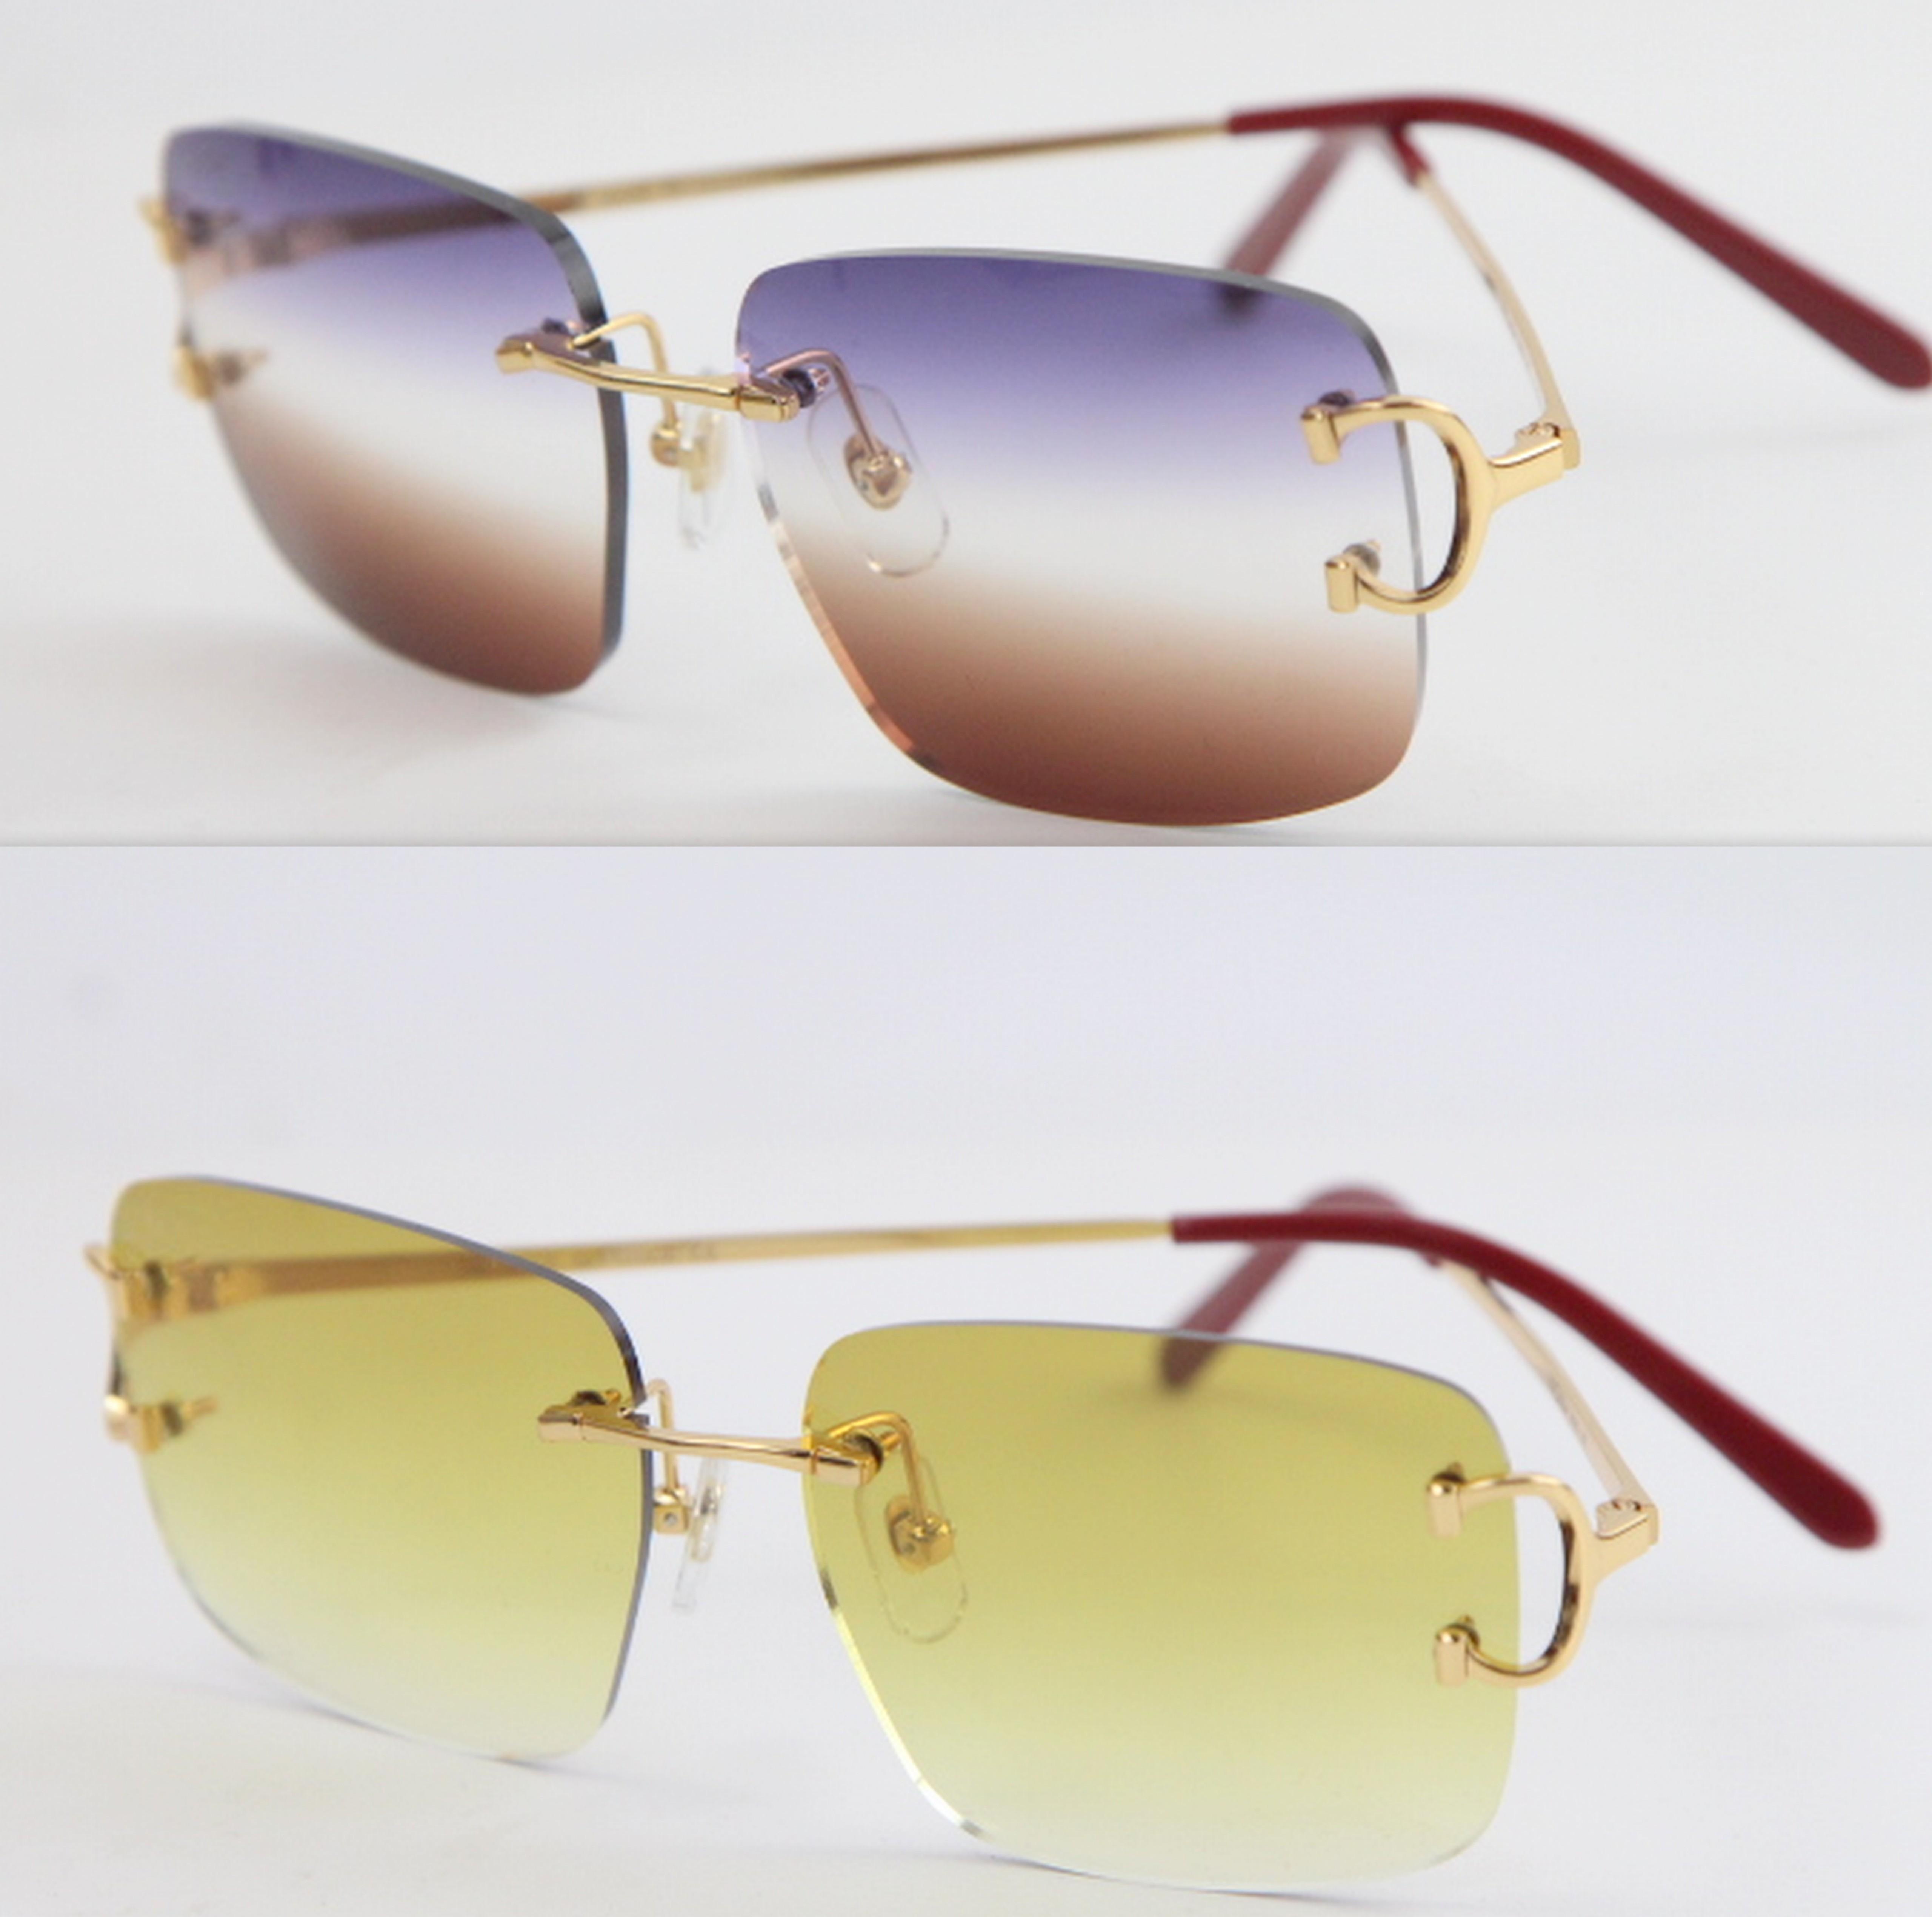 2020 شعبية نمط جديد نظارات شمسية بدون شفة الساخنة T8200816 حساسة للجنسين الأزياء نظارات معدنية الشمس نظارات القيادة jllkco bde_jewelry